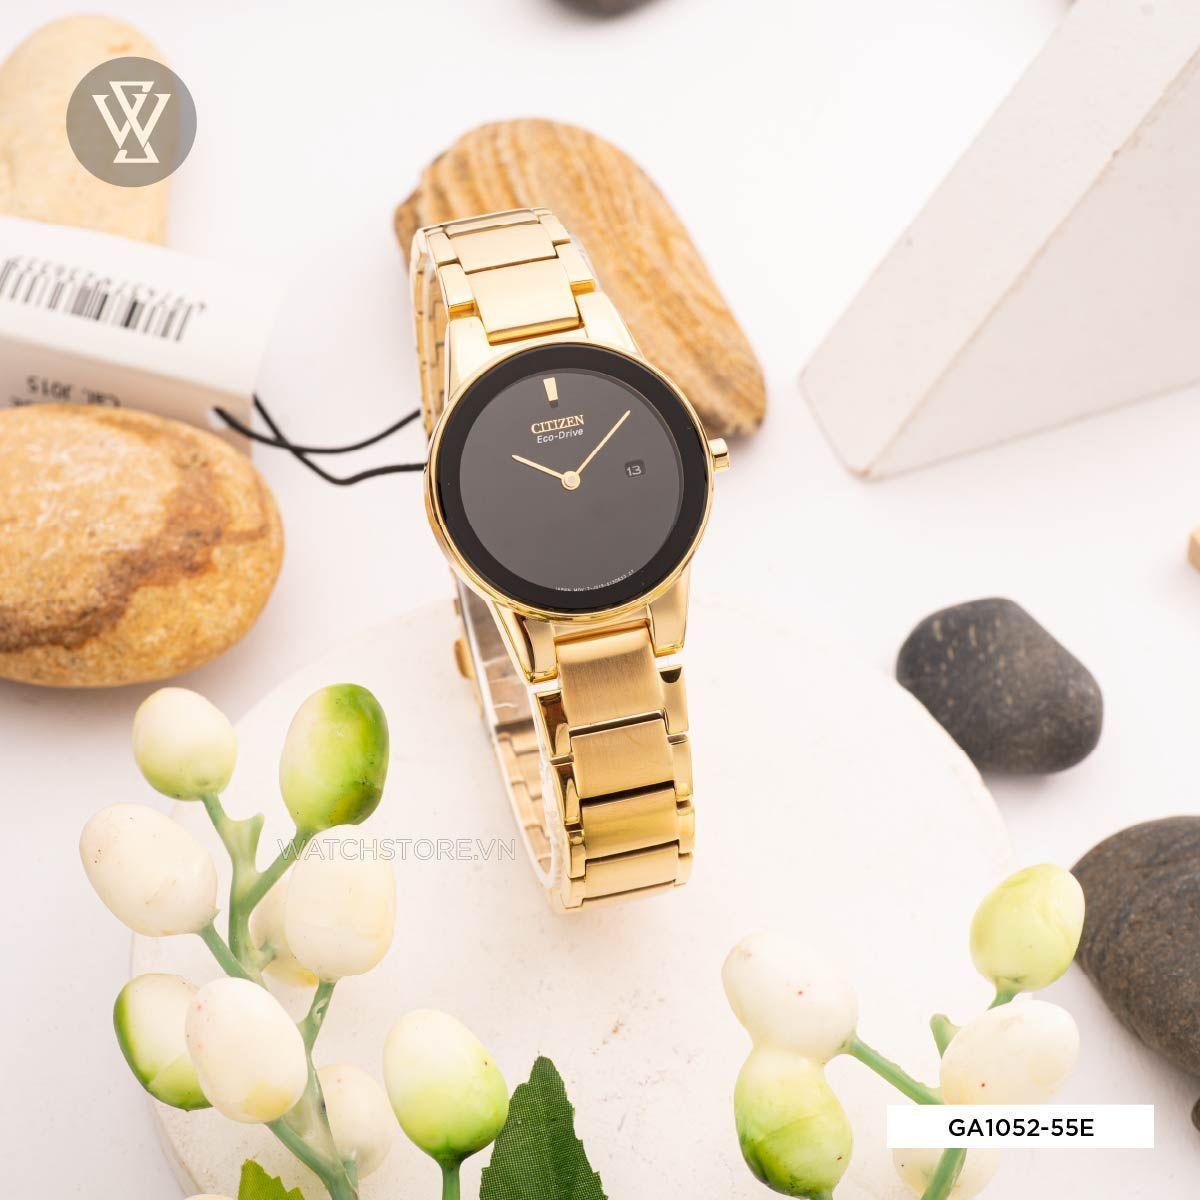 Top 6 các hãng đồng hồ nổi tiếng cho nữ nên mua - Ảnh 3